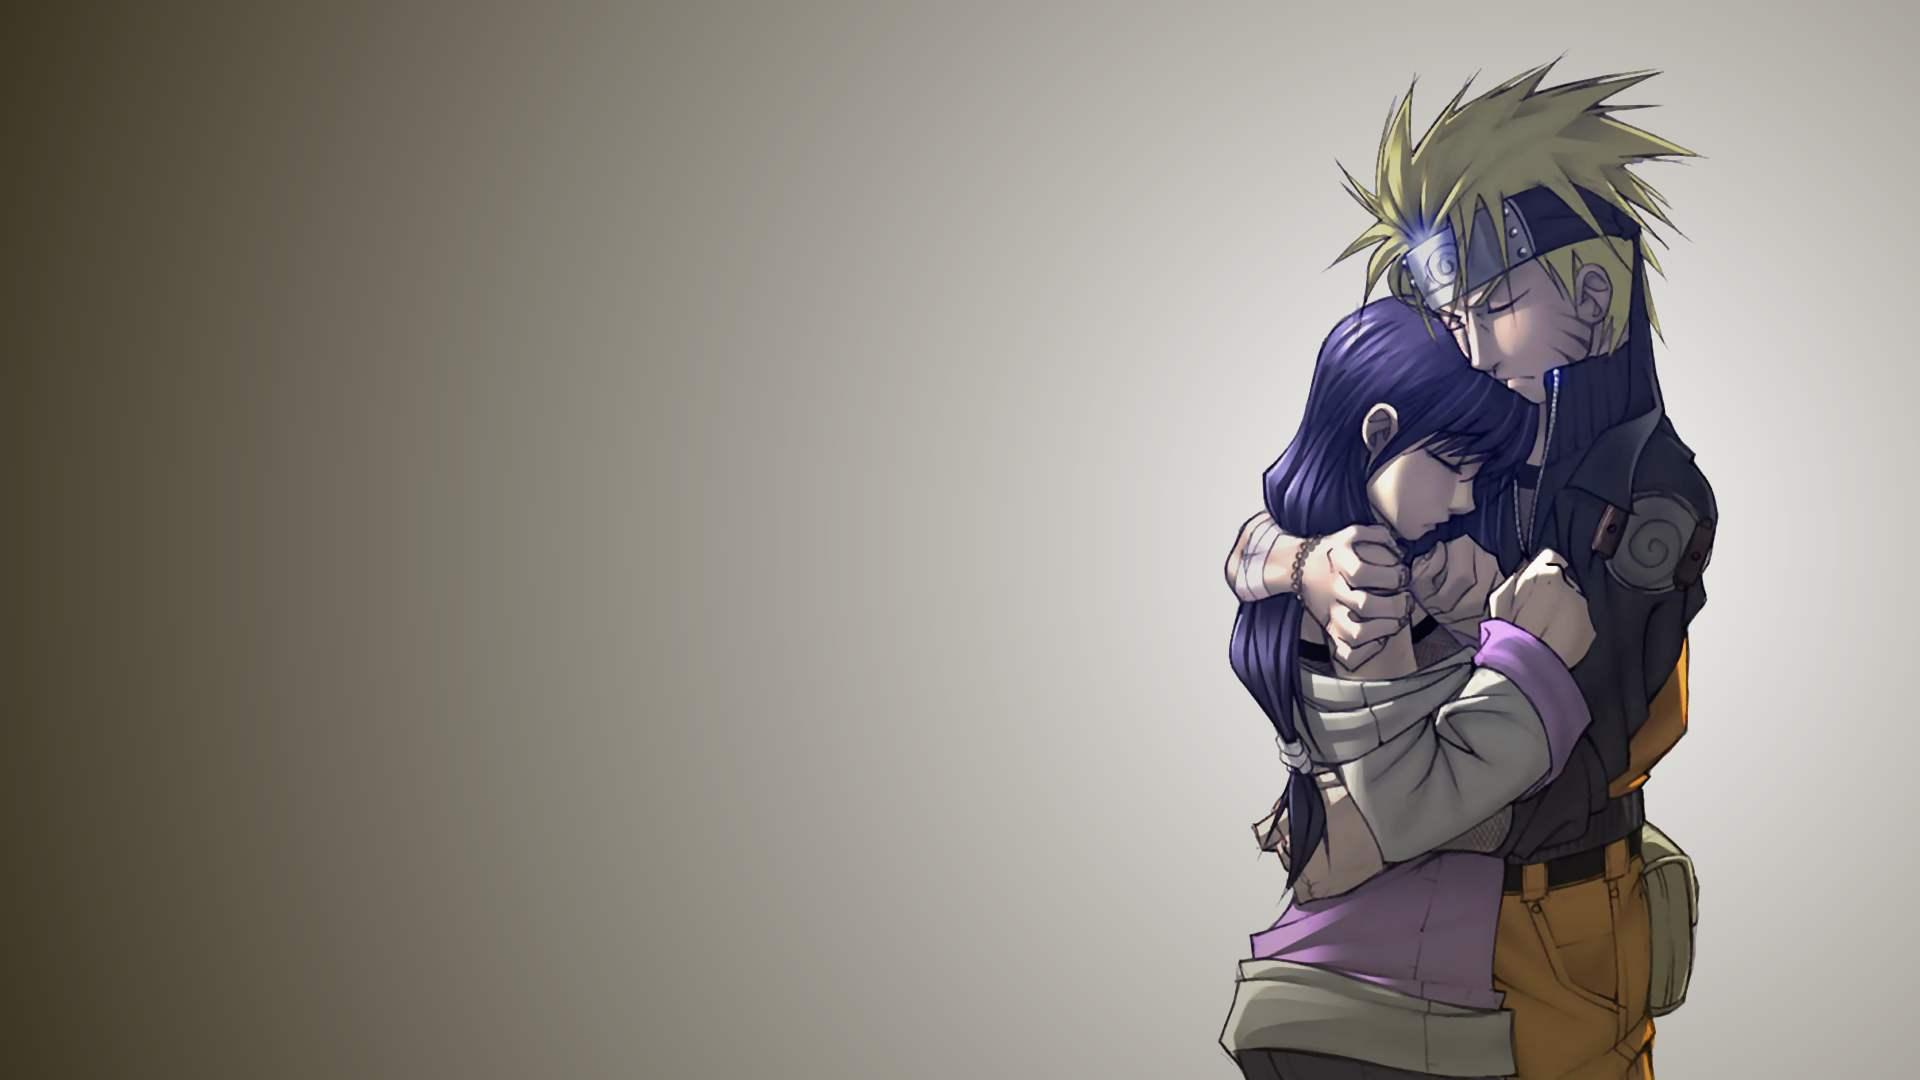 Download Naruto And Hinata HD Wallpaper 4615 Full Size 1920x1080